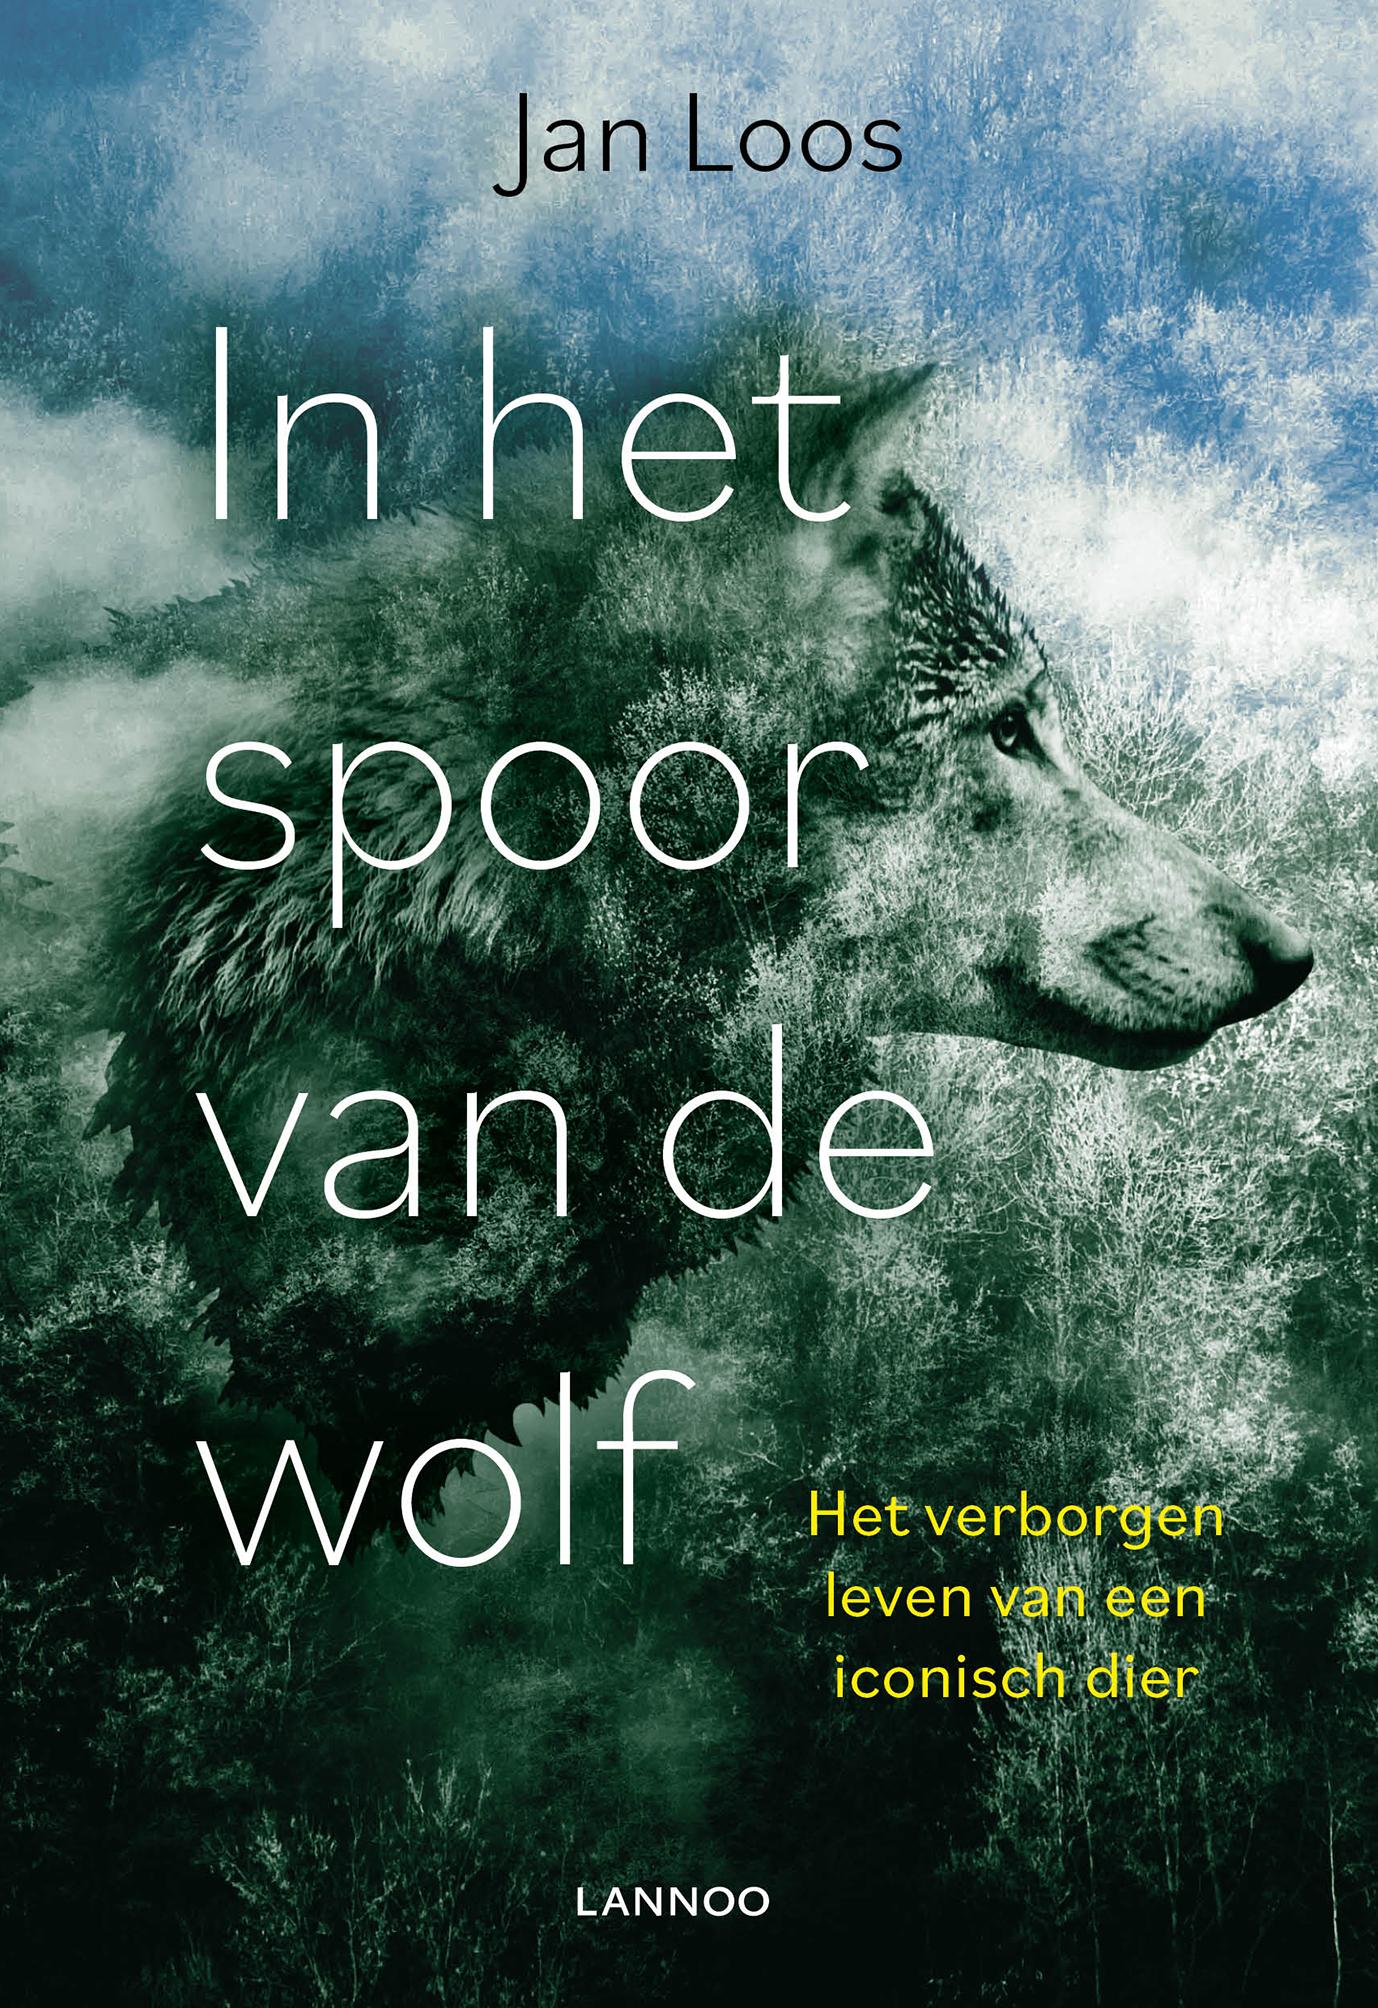 In het spoor van de wolf | Jan Loos 9789401472630 Jan Loos Lannoo   Natuurgidsen Benelux